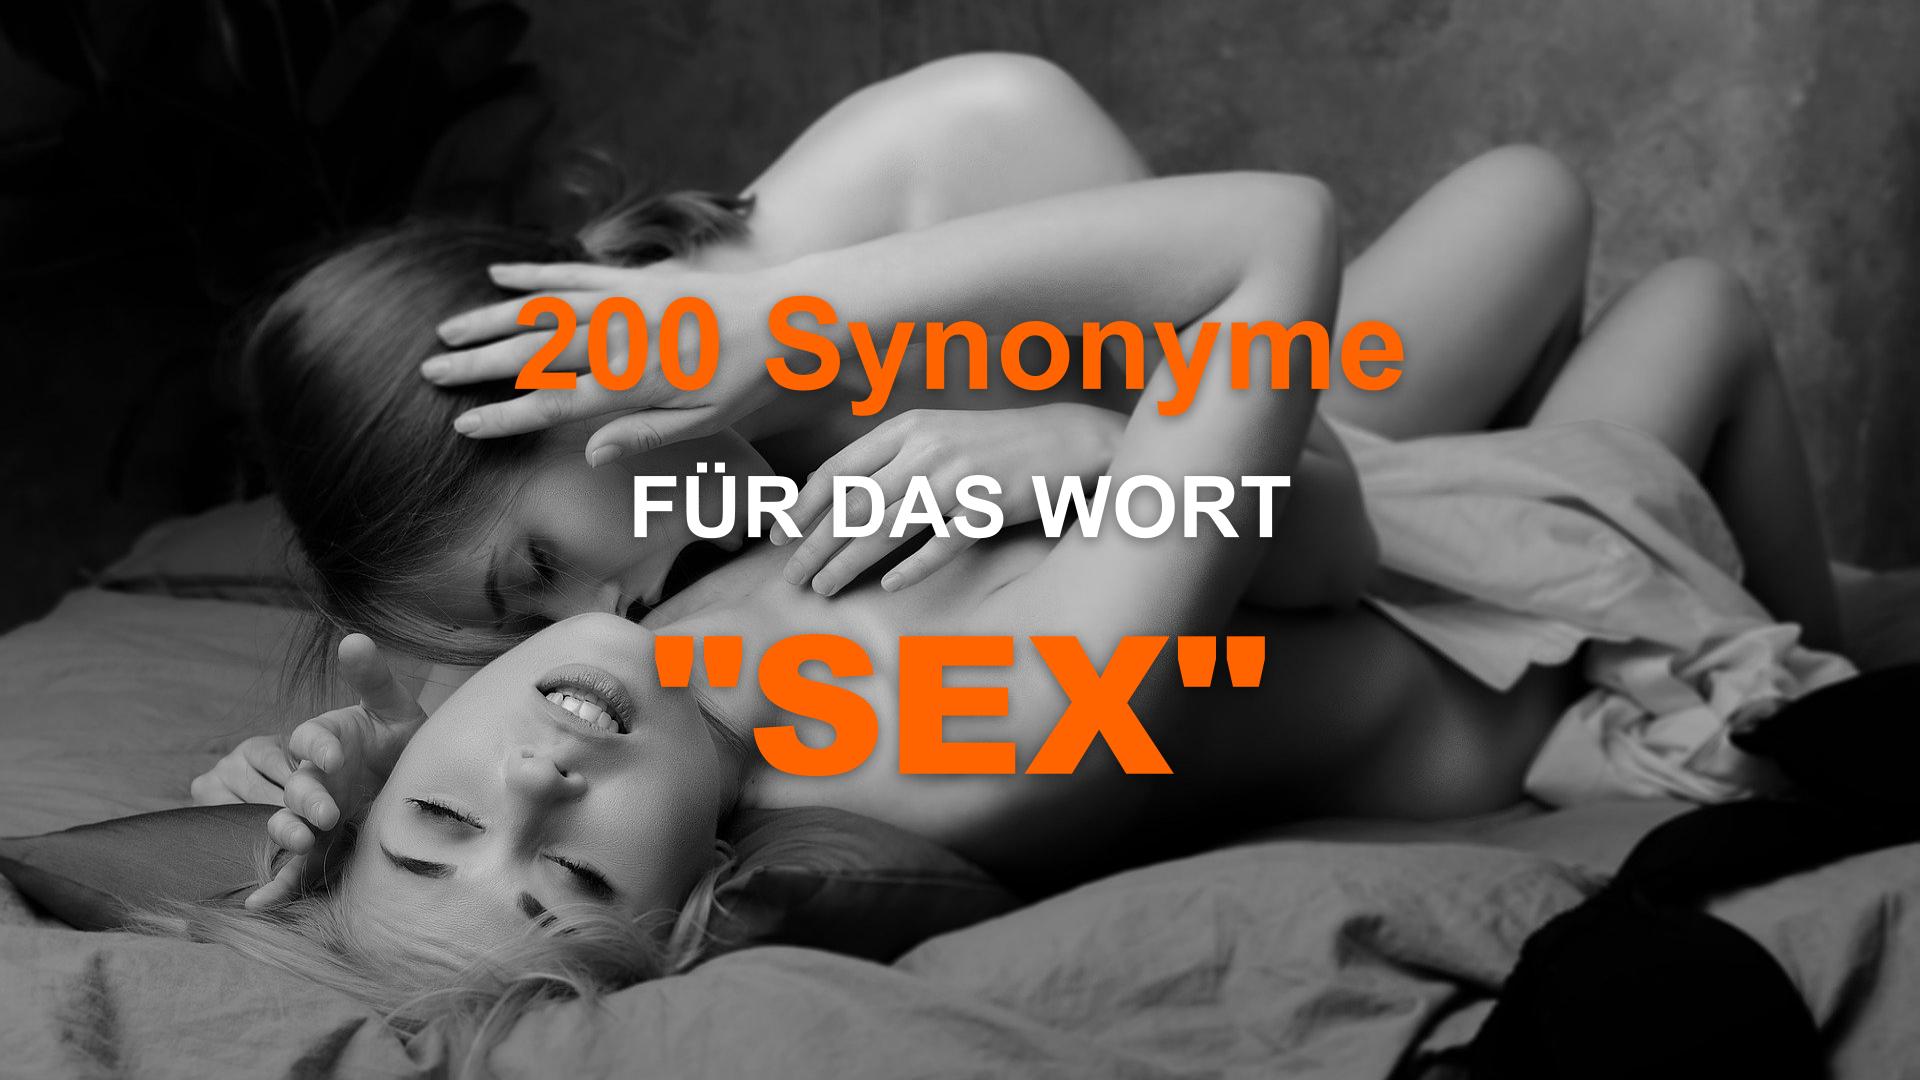 205 Synonyme für das Wort Sex